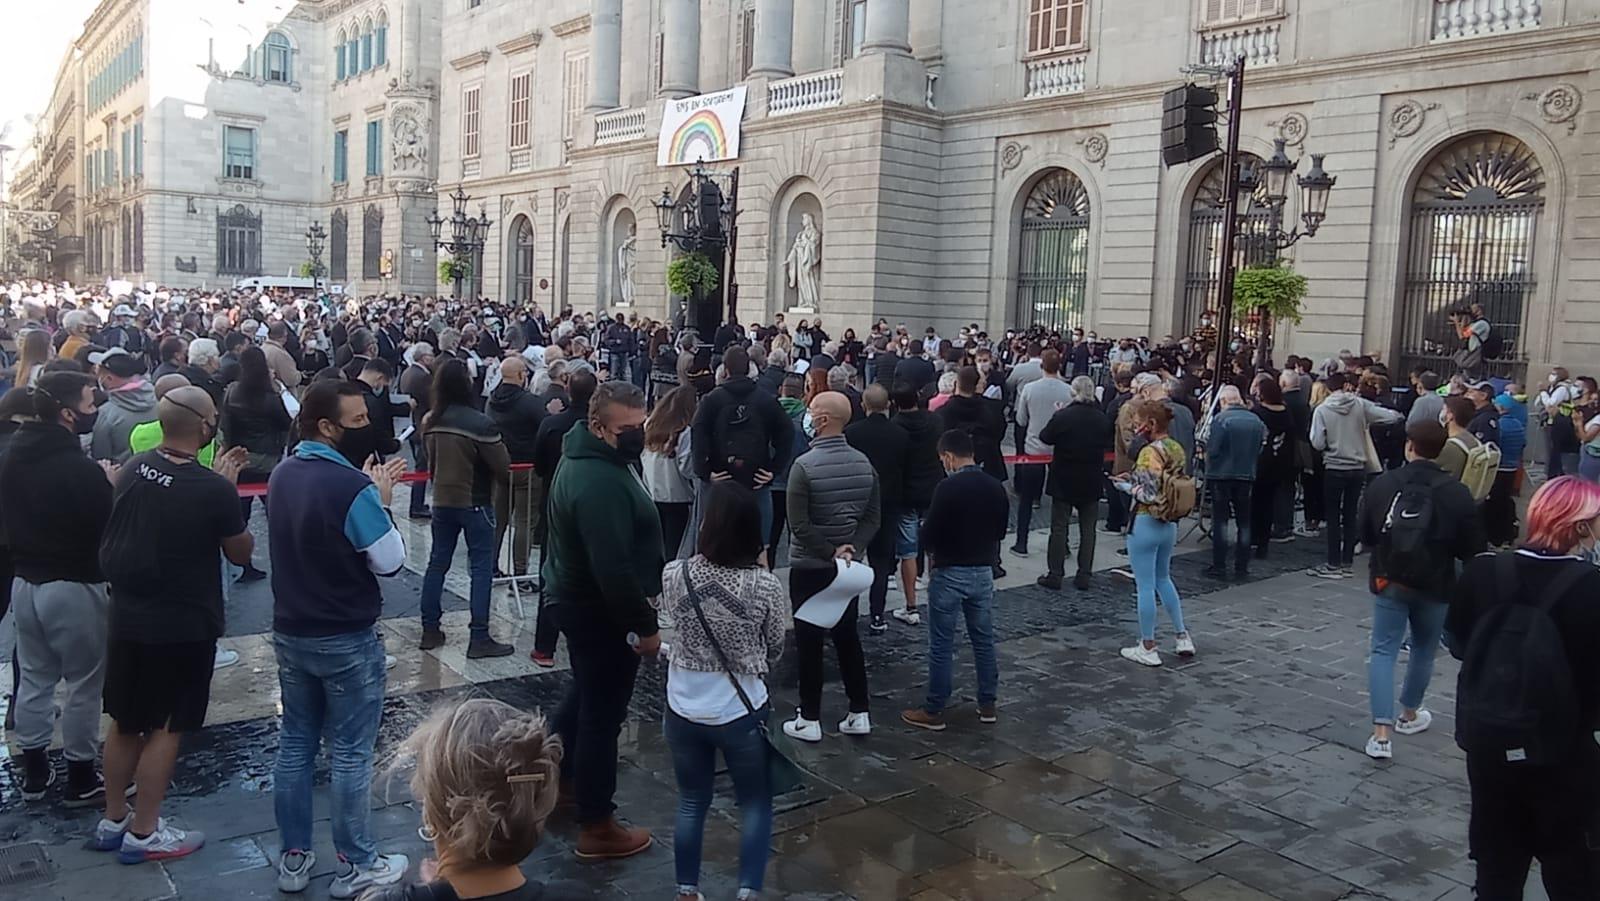 El sector esportiu convoca una concentració pel pròxim dimecres 11 de novembre a les 13 h a la Plaça Sant Jaume de Barcelona